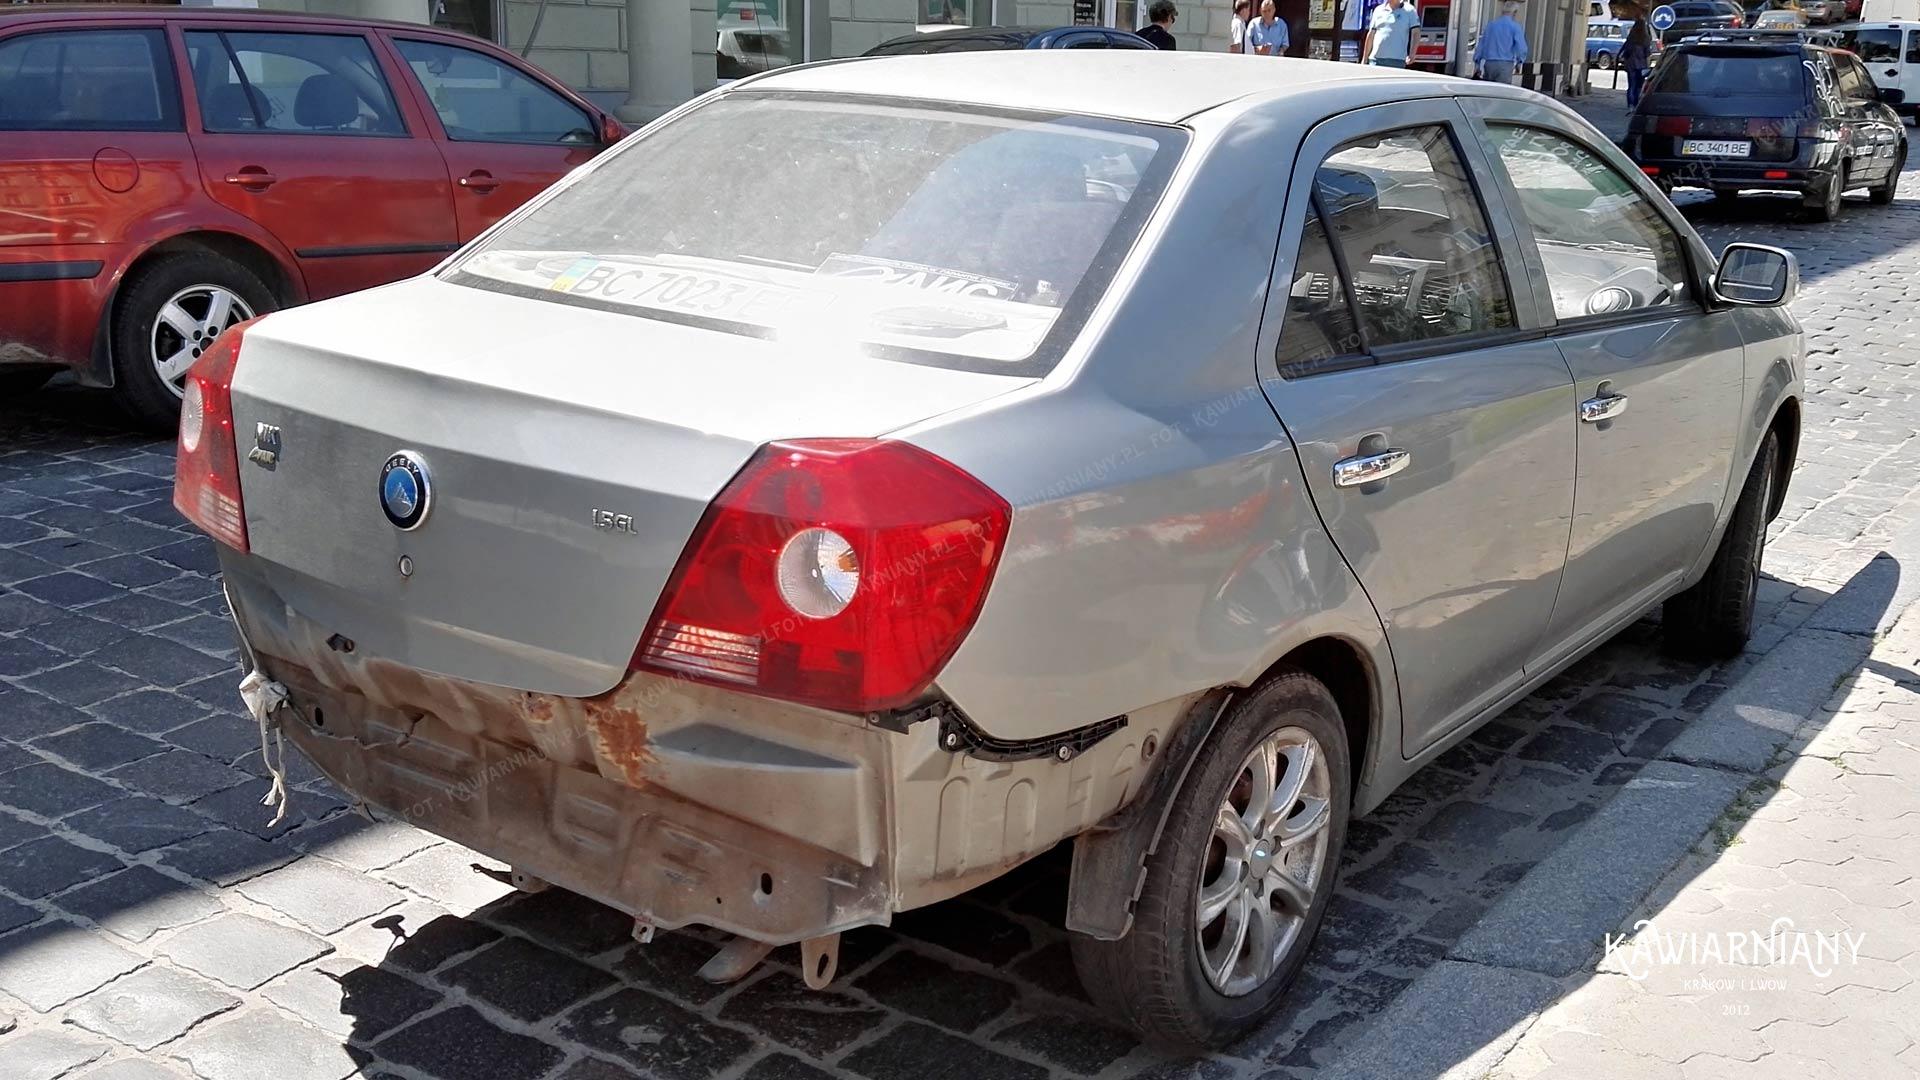 Czy na Ukrainie kradną samochody? Czy kradną auta we Lwowie?